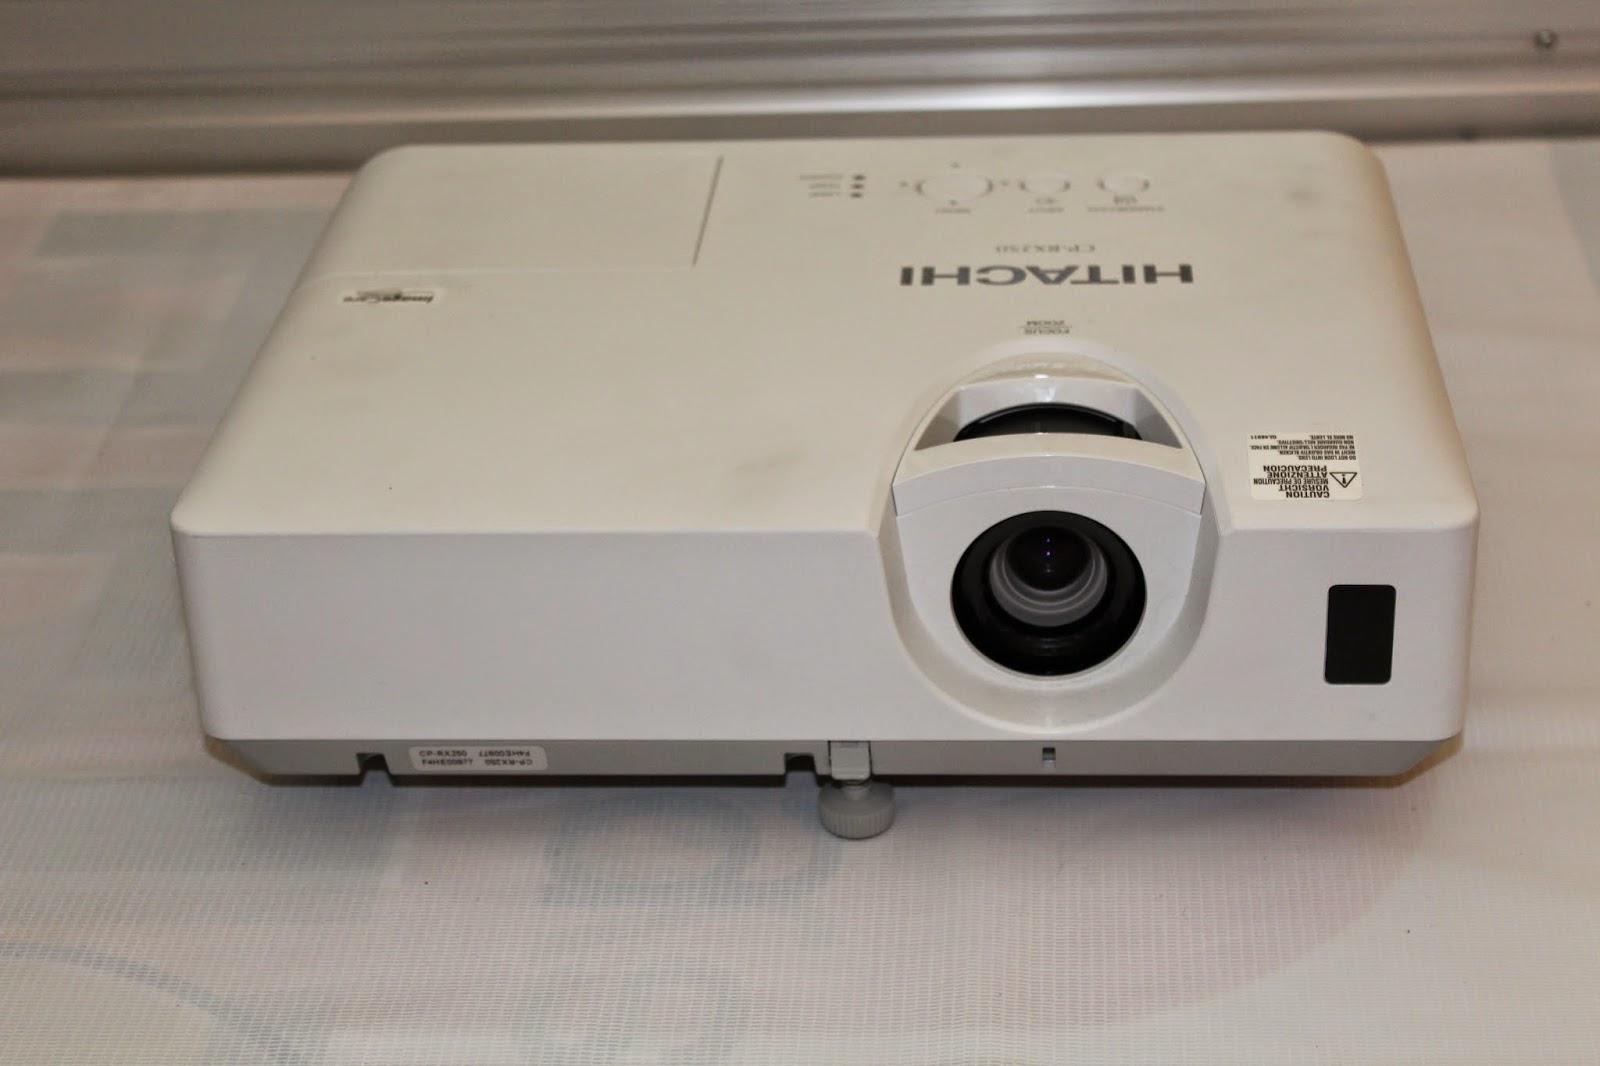 Hitachi RX-250 | TS Multimedia - Sewa menyewa jadi lebih mudah di Spotsewa